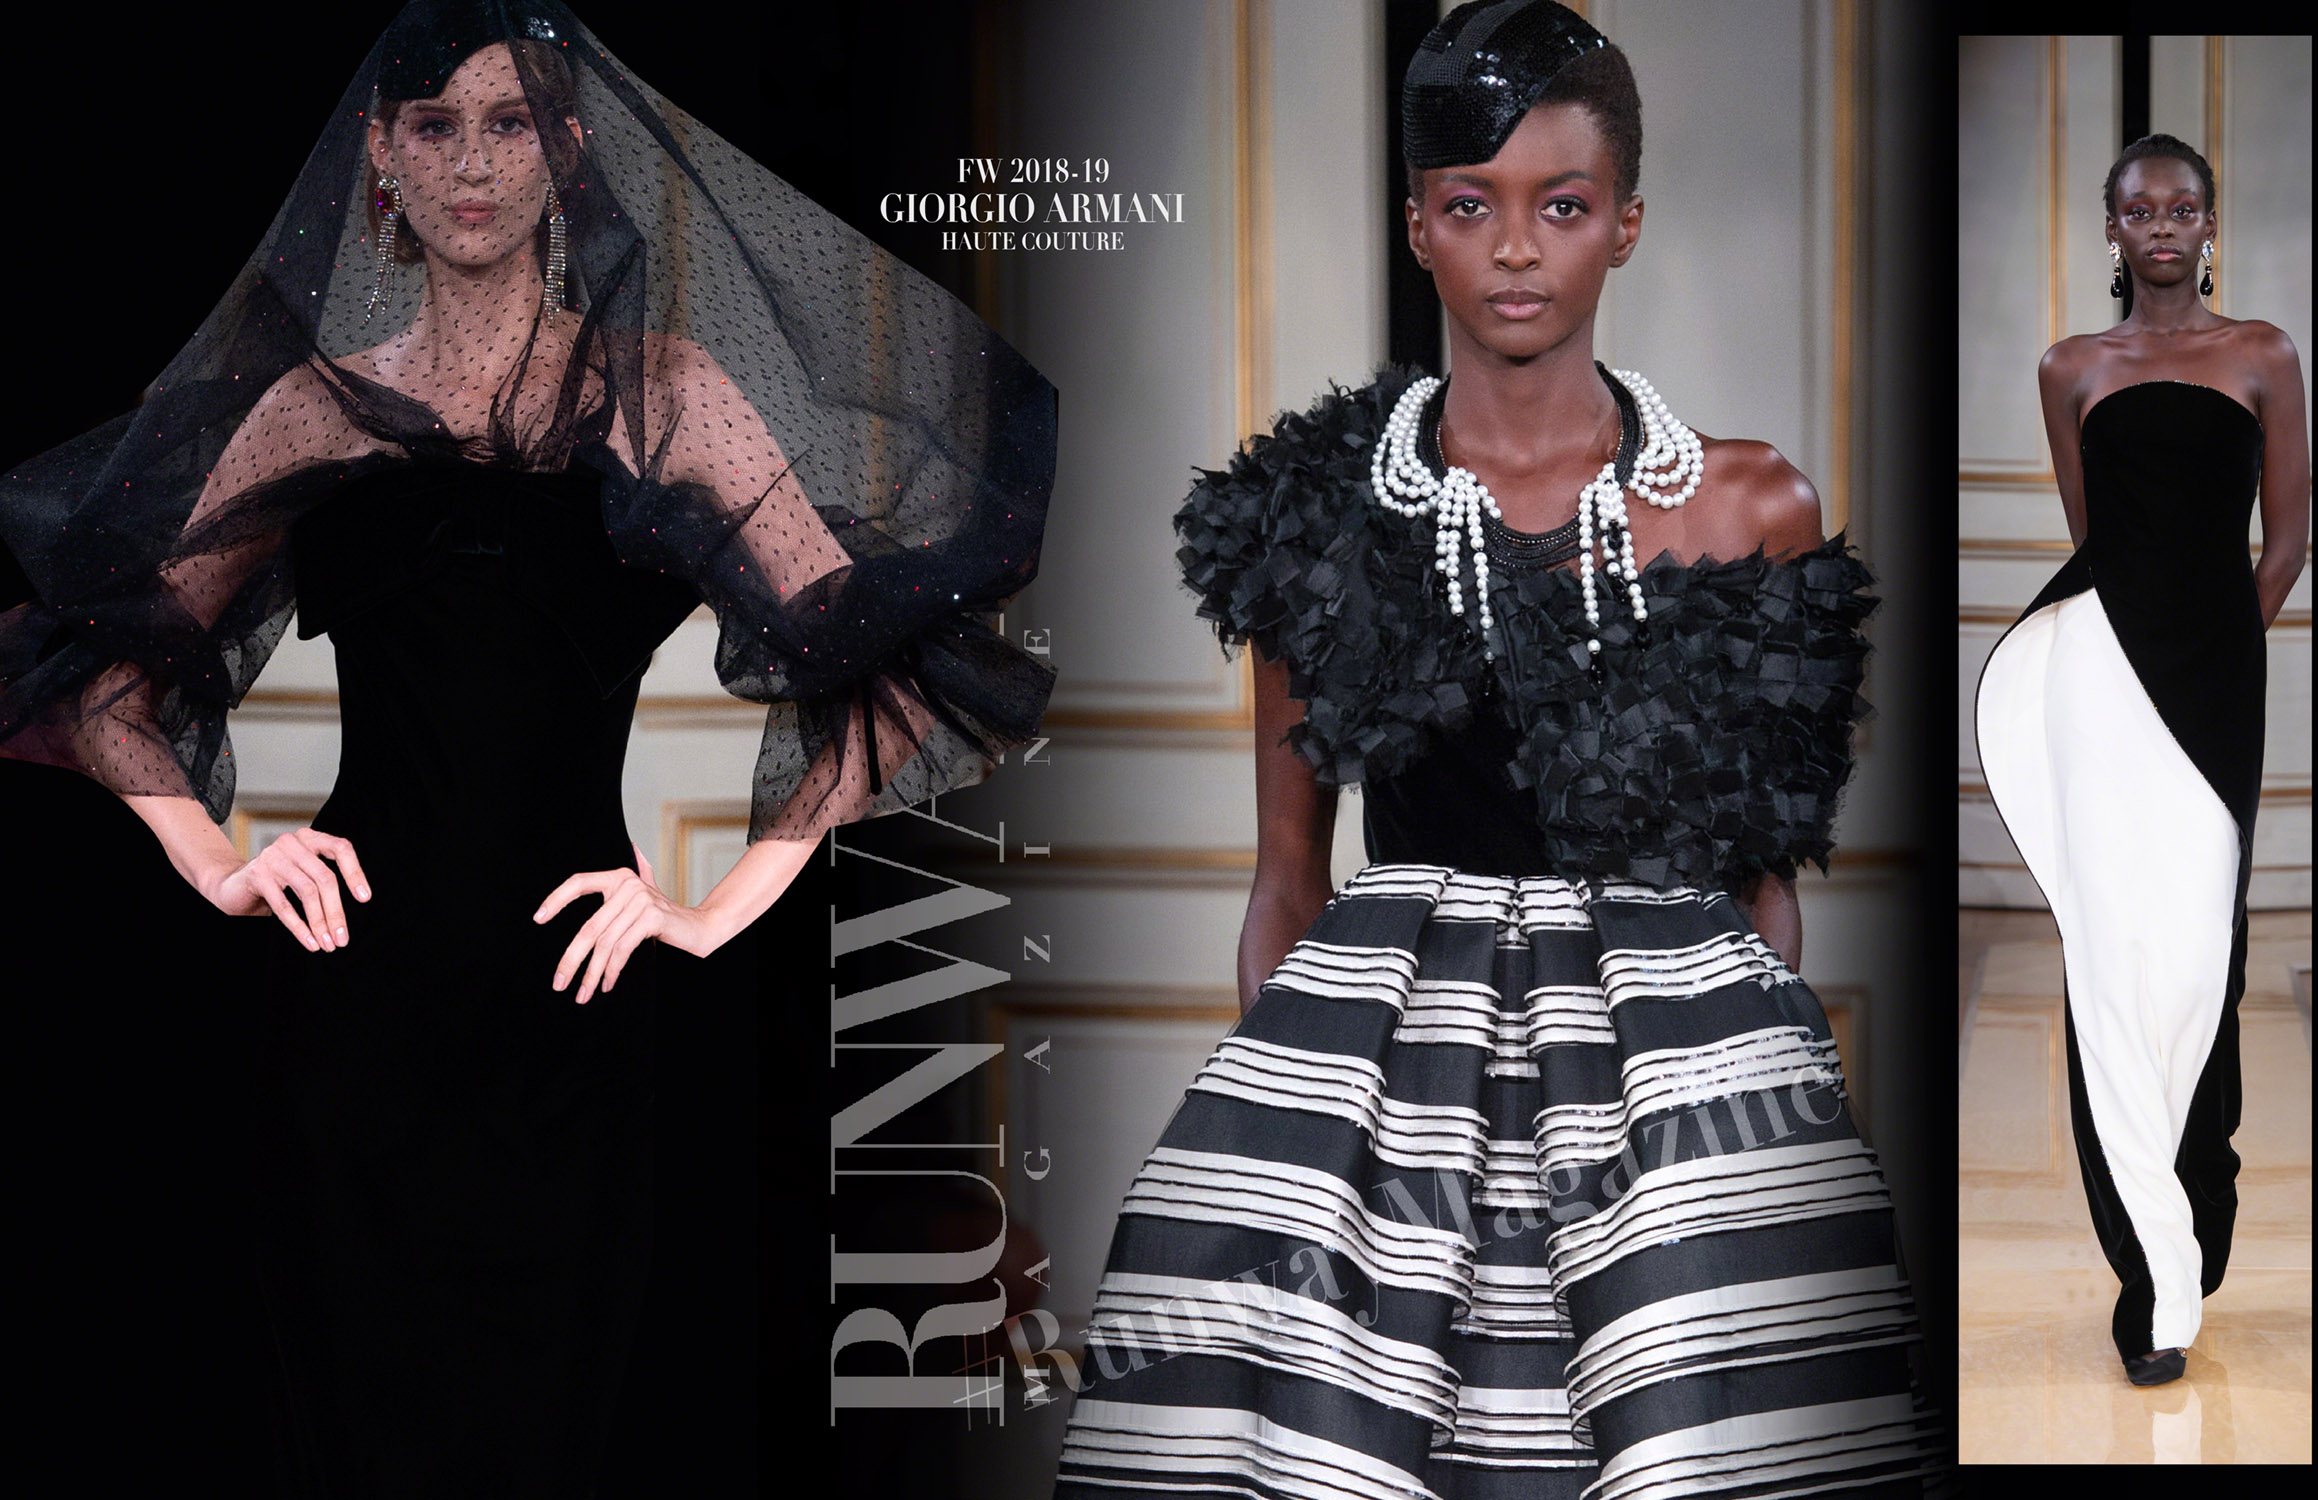 GIORGIO ARMANI Haute Couture Fall Winter 2018-2019 Runway Magazine